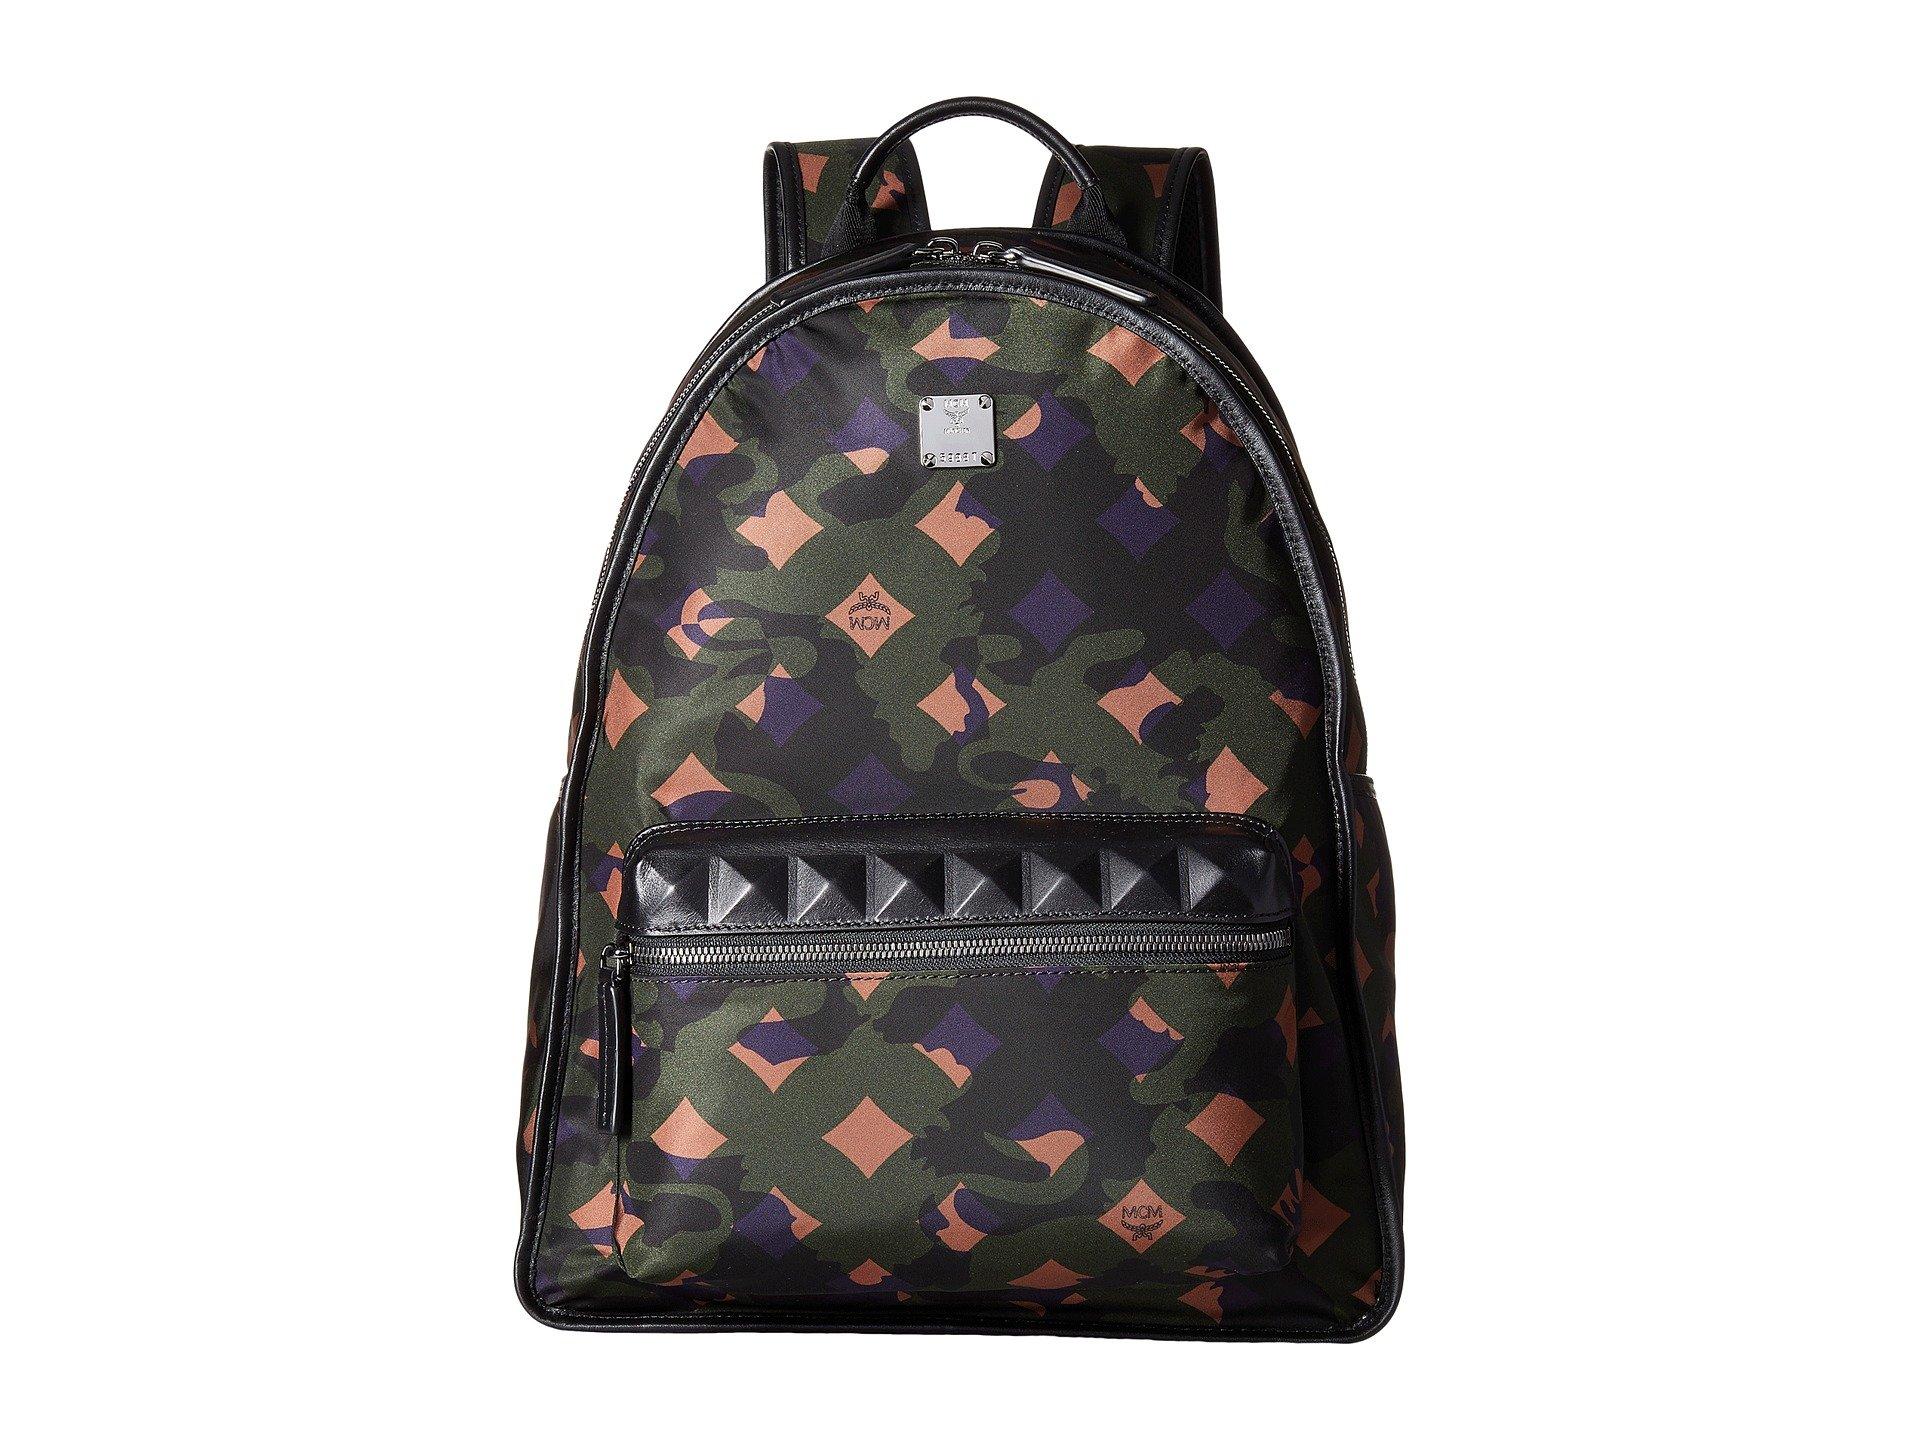 Rhea Medium Leather Backpack Michael Kors CEAGESP